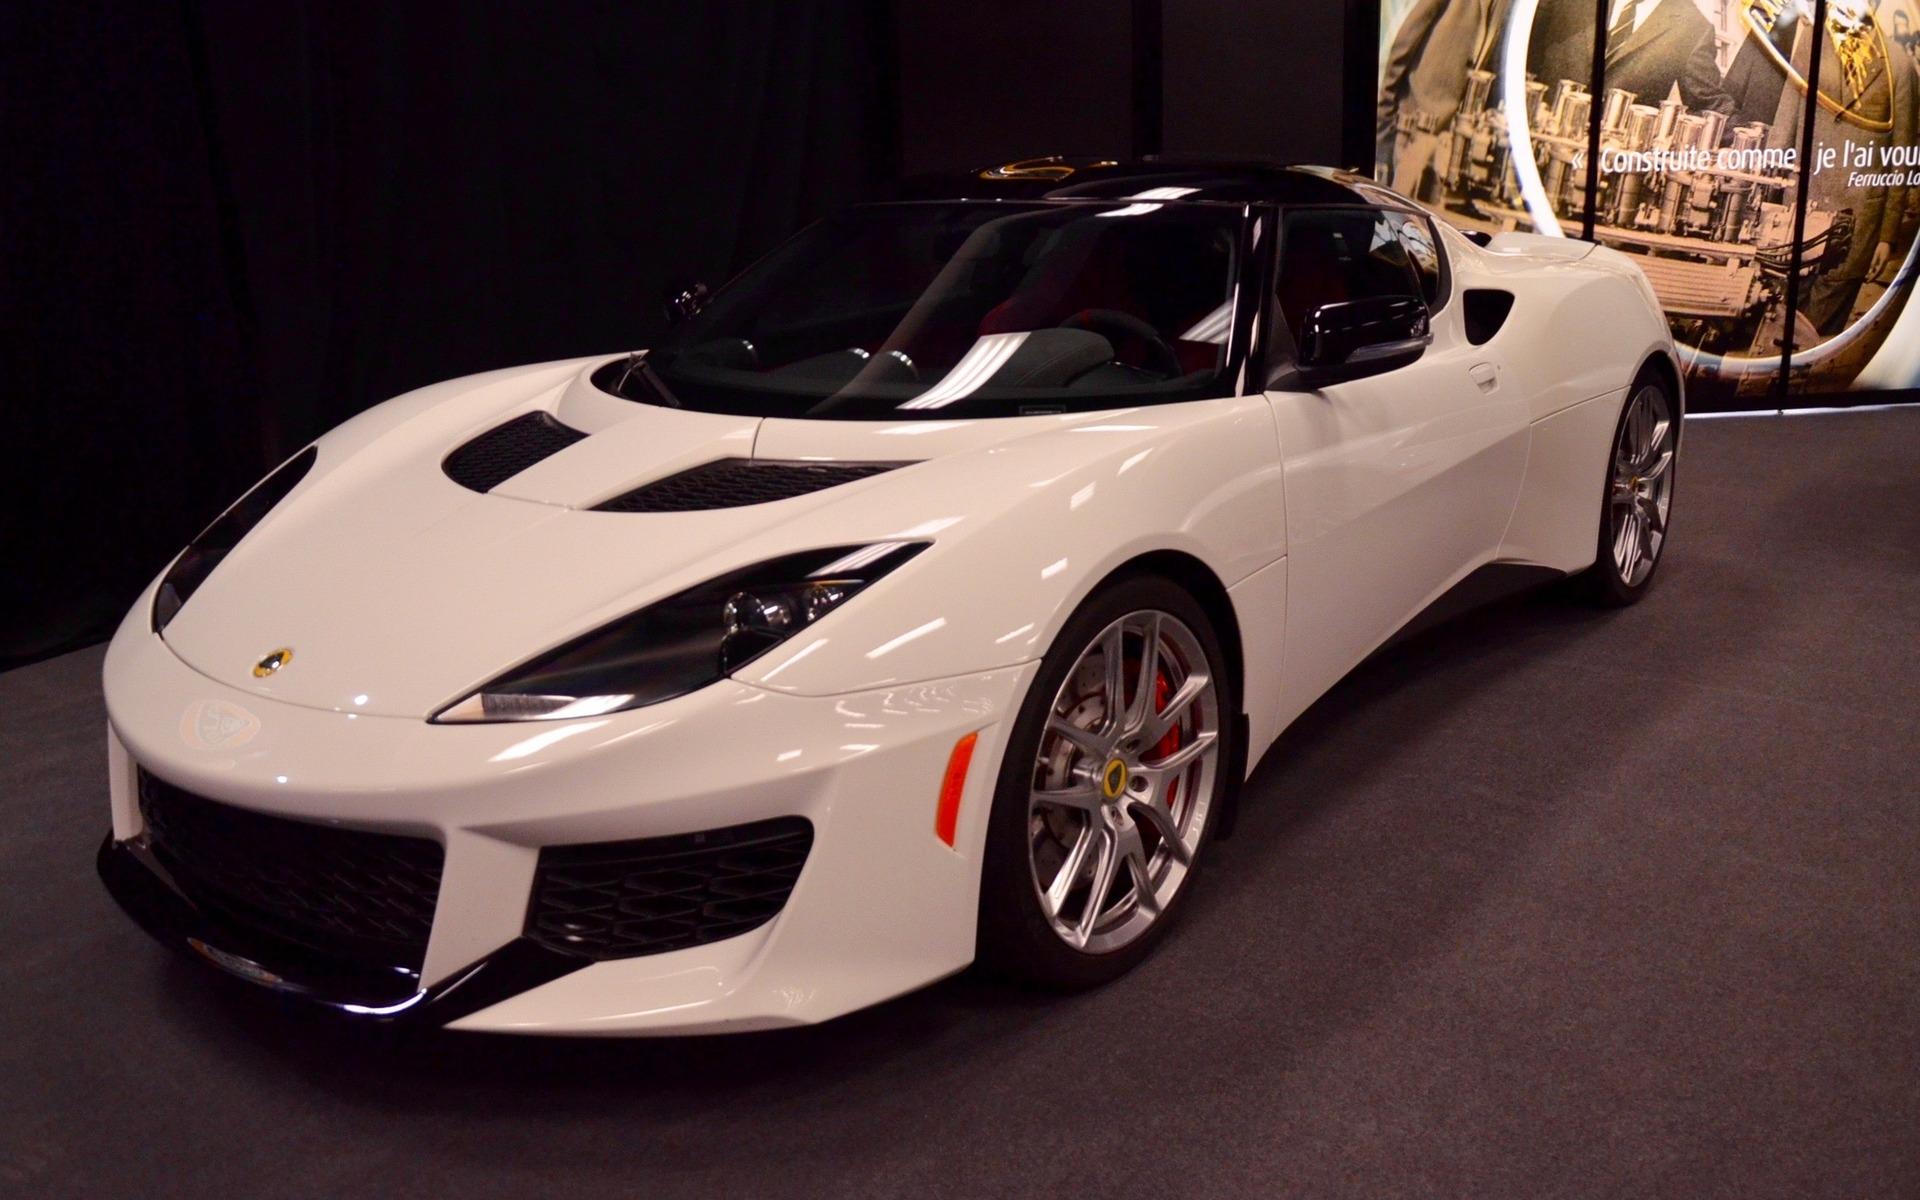 premi re canadienne lotus evora 400 du confort pourquoi guide auto. Black Bedroom Furniture Sets. Home Design Ideas